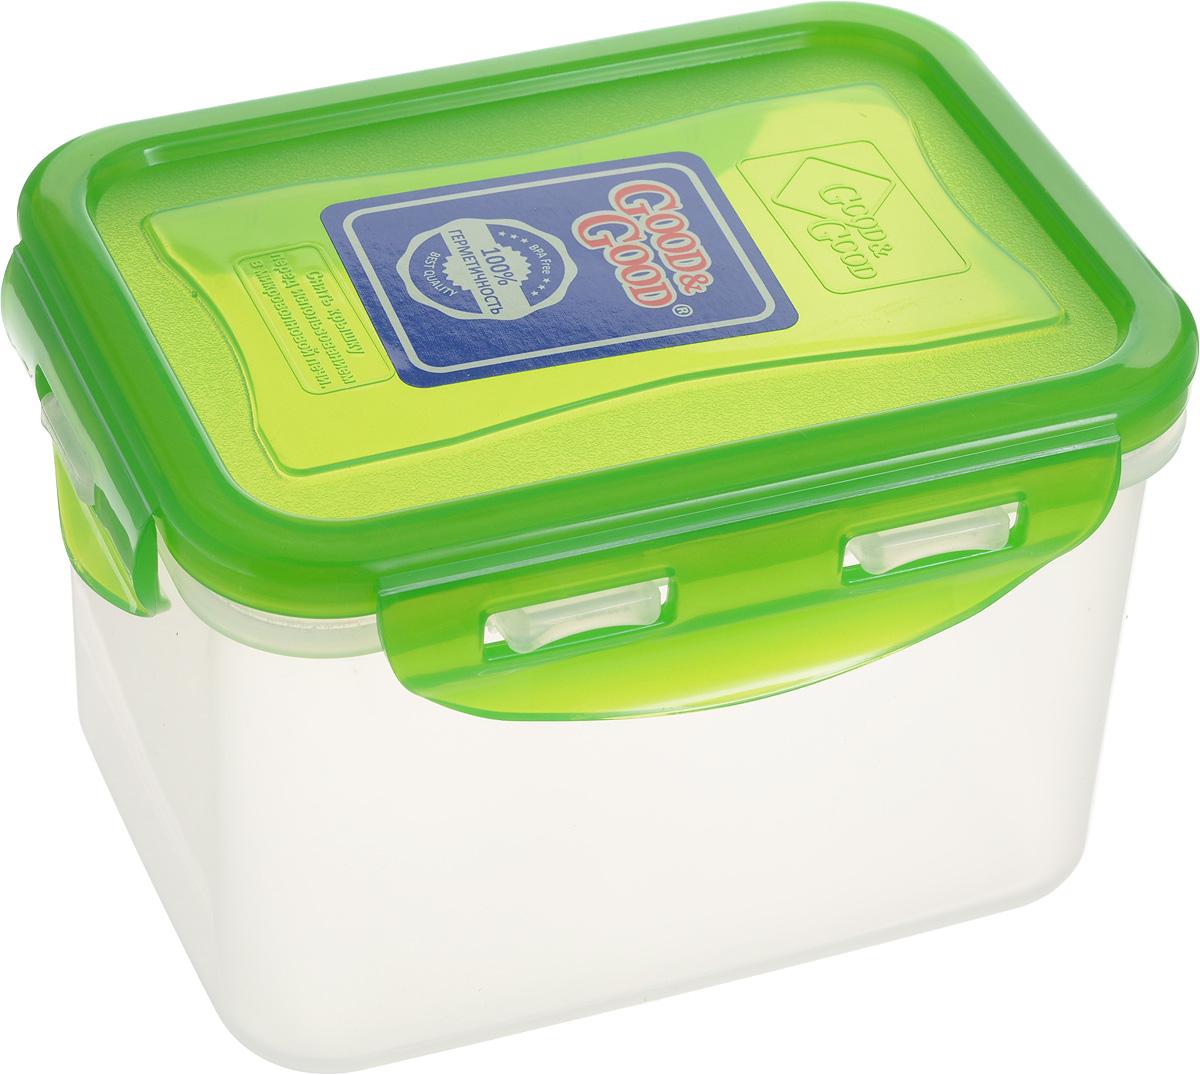 Контейнер пищевой Good&Good, цвет: зеленый, 630 мл. B/COL 02-2B/COL 02-2_зеленыйПрямоугольный контейнер Good&Good изготовлен из высококачественного полипропилена и предназначен для хранения любых пищевых продуктов. Благодаря особым технологиям изготовления, лотки в течение времени службы не меняют цвет и не пропитываются запахами. Крышка с силиконовой вставкой герметично защелкивается специальным механизмом. Контейнер Good&Good удобен для ежедневного использования в быту. Можно мыть в посудомоечной машине и использовать в микроволновой печи. Размер контейнера (с учетом крышки): 13 х 9,5 х 8,5 см.